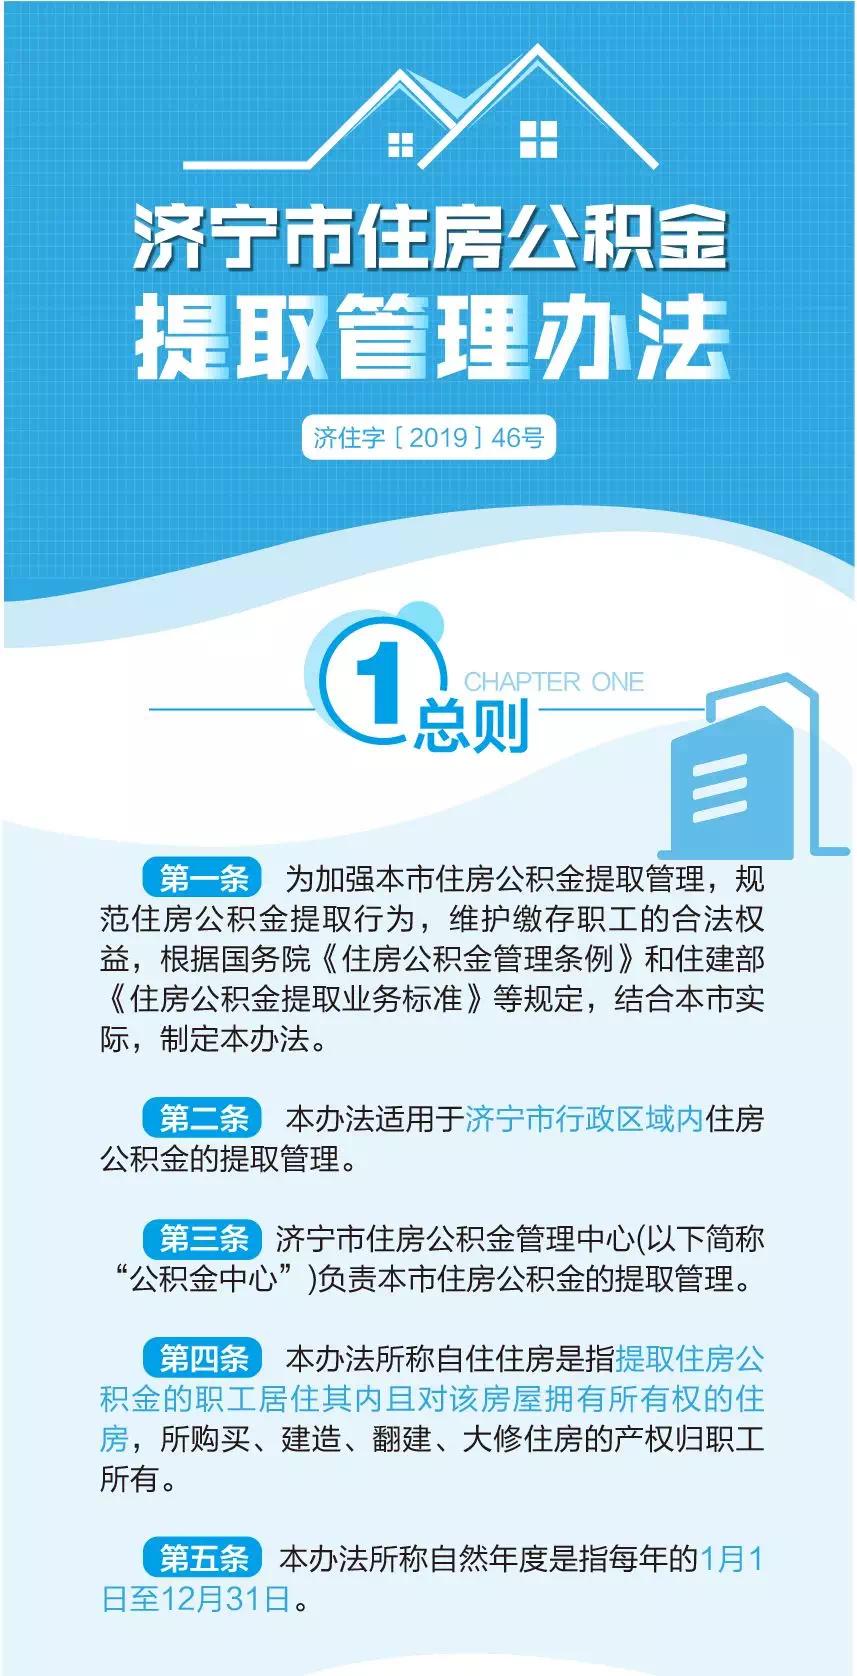 最新!济宁市住房公积金提取管理办法发布